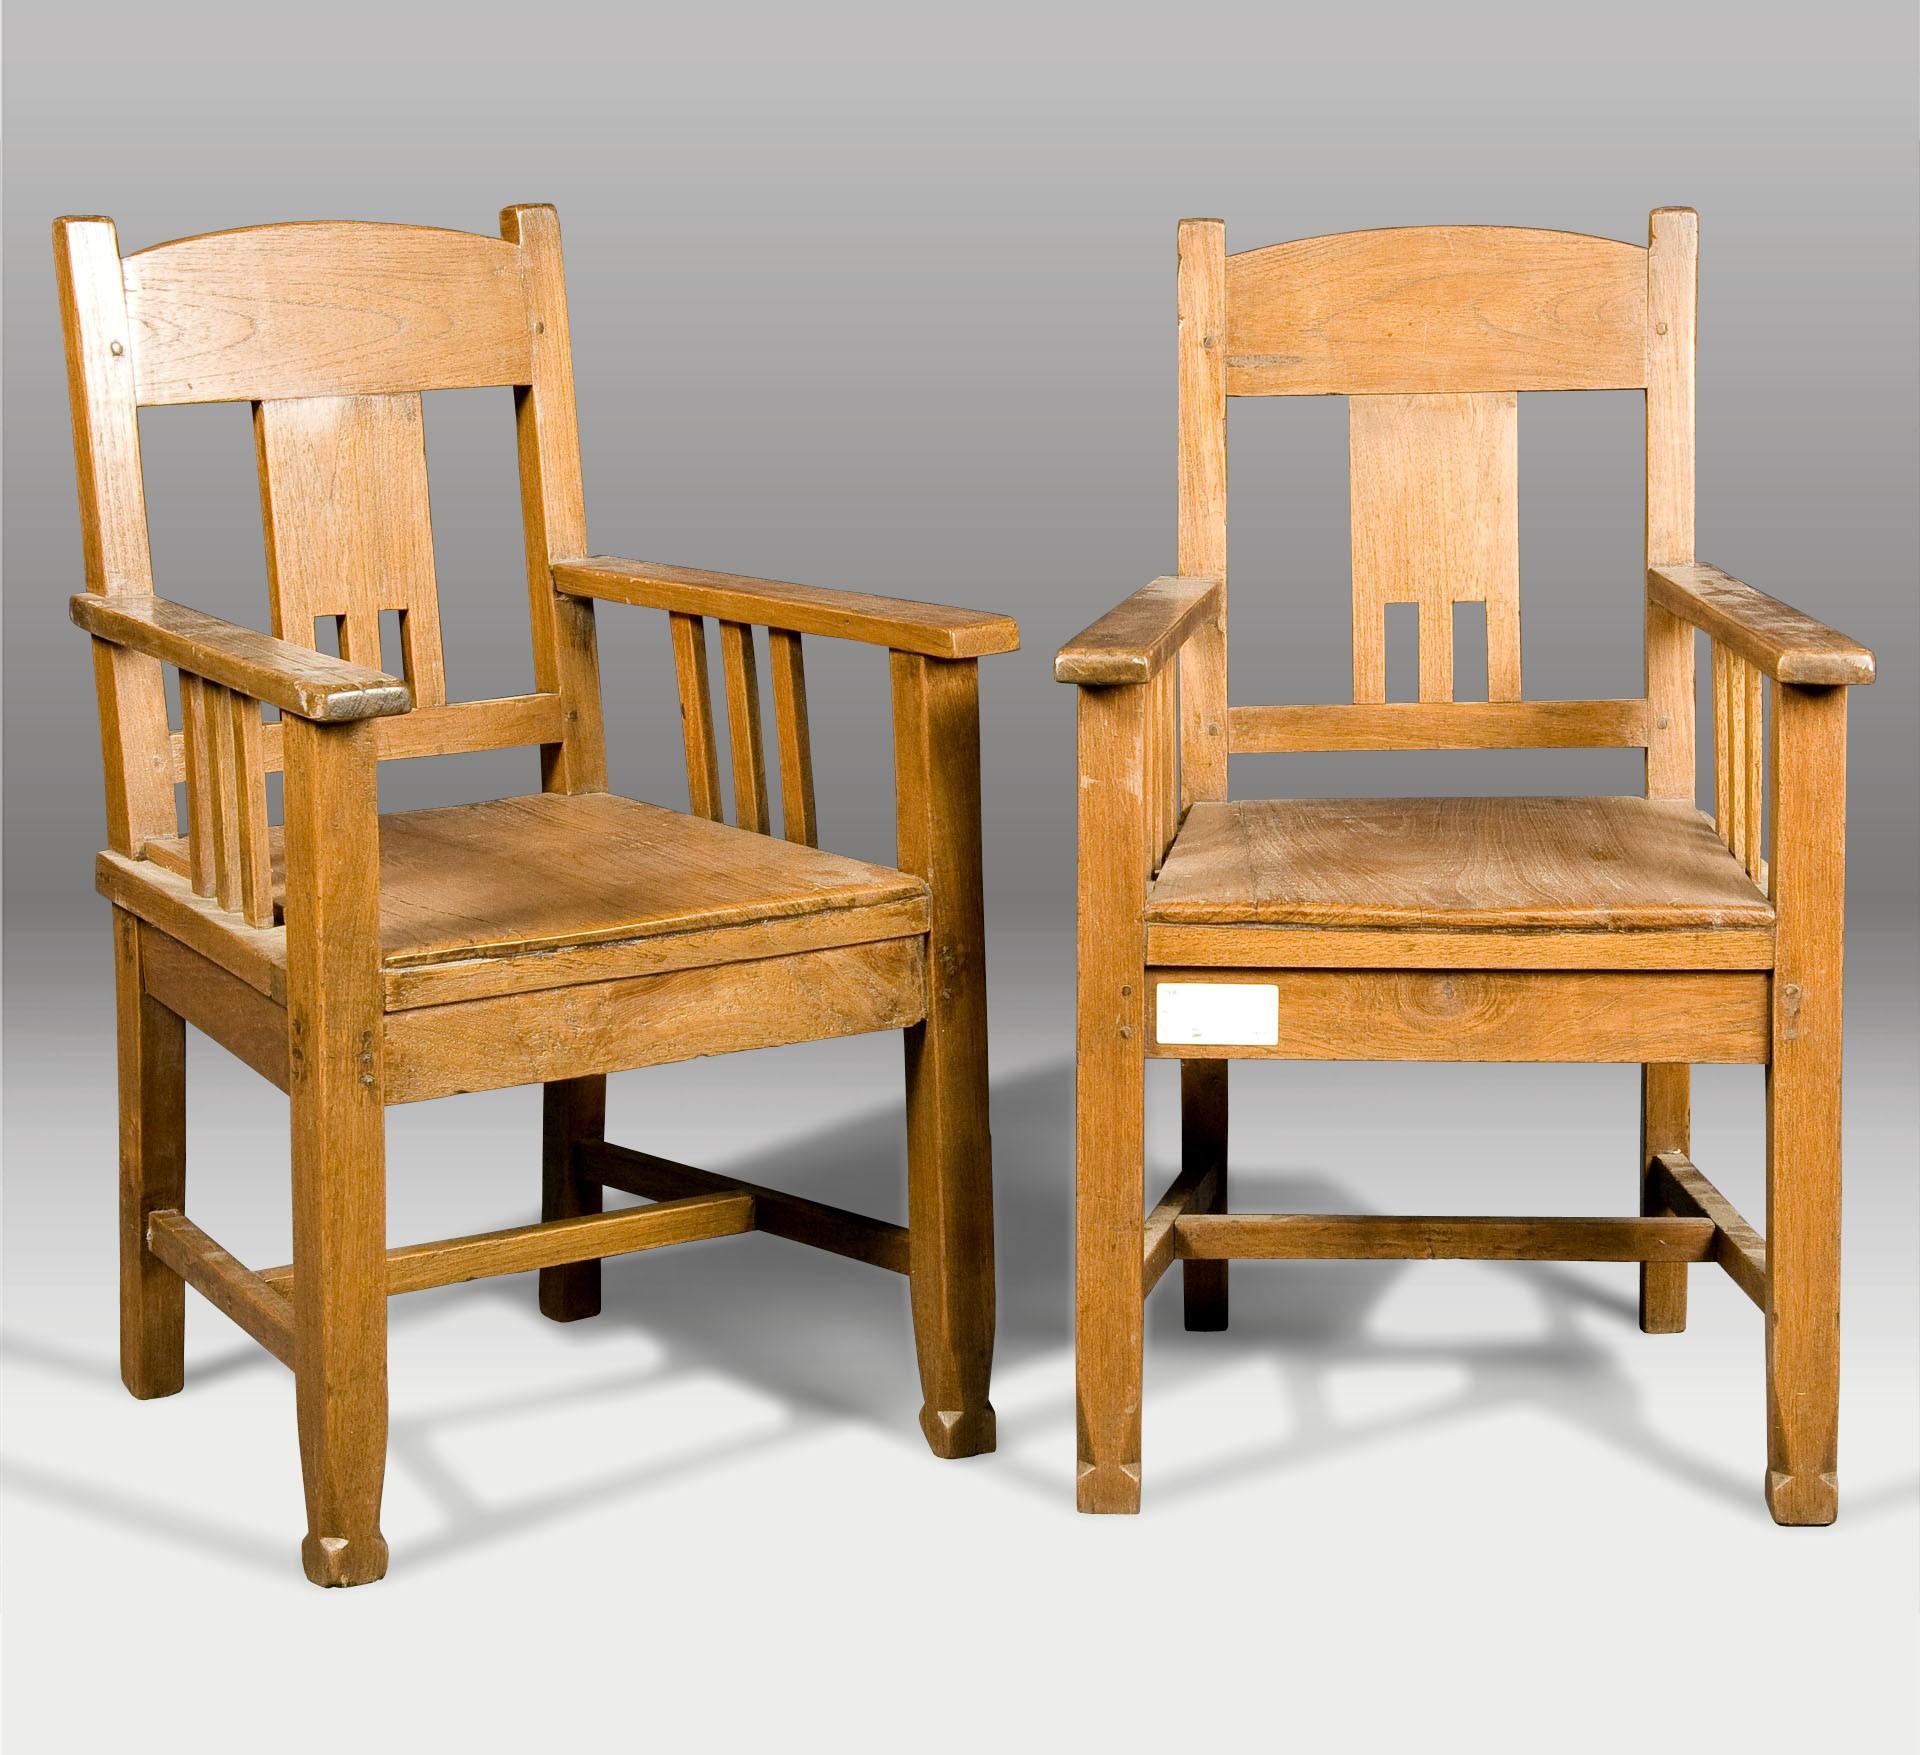 Sillas de comedor y sillas de madera batavia for Muebles sillas comedor